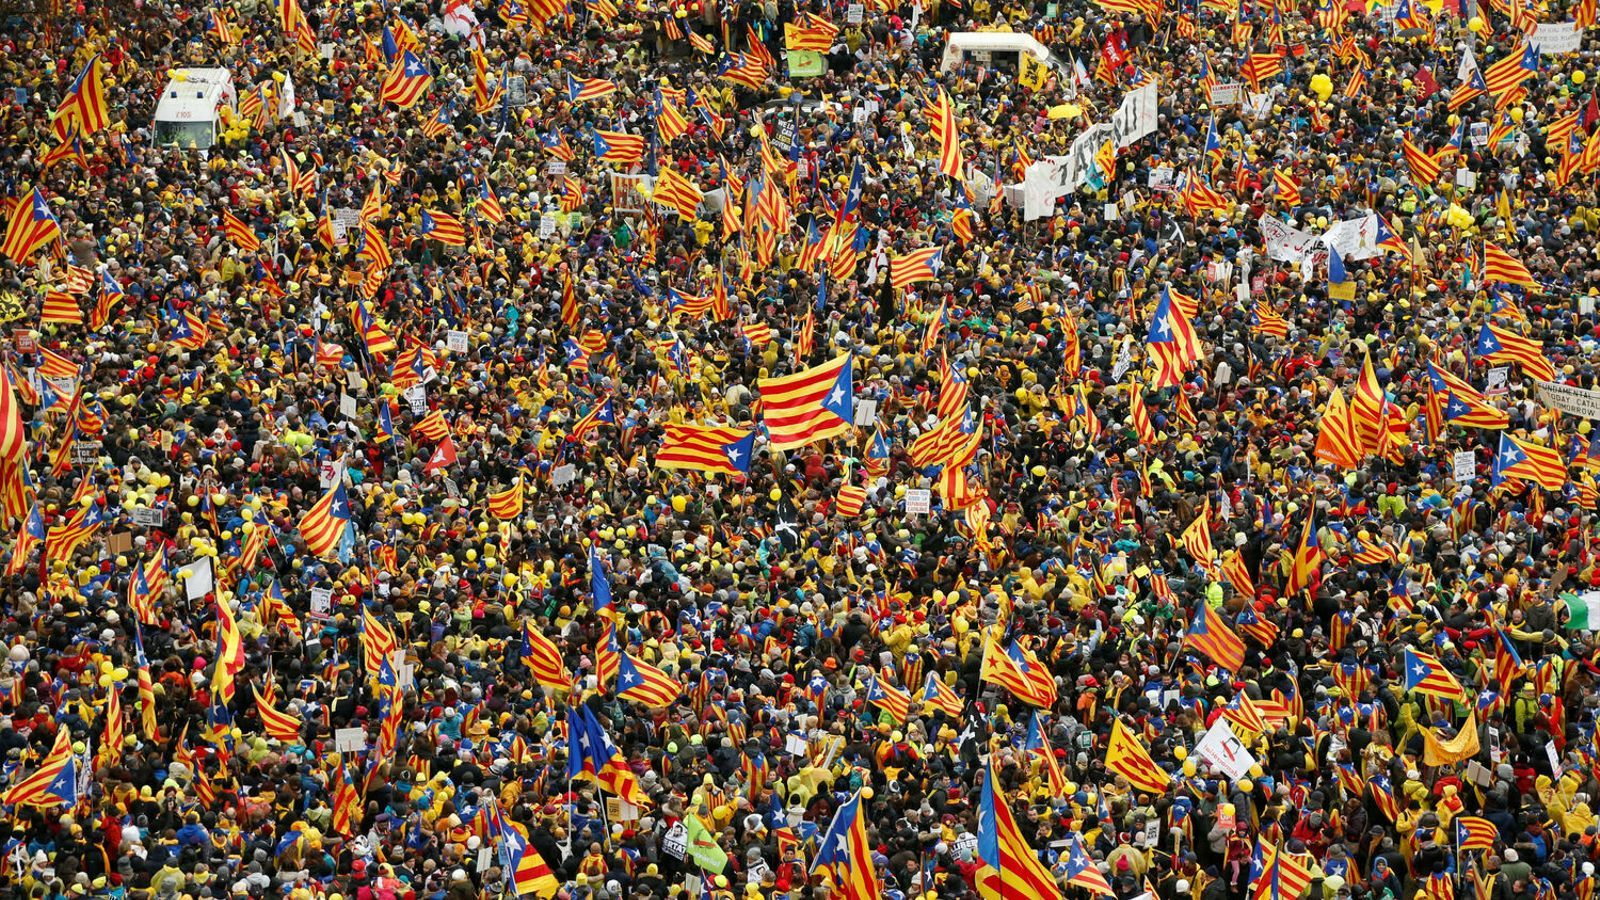 Prop de 100 autobusos per a la manifestació d'Estrasburg contra el veto a Puigdemont, Junqueras i Comín